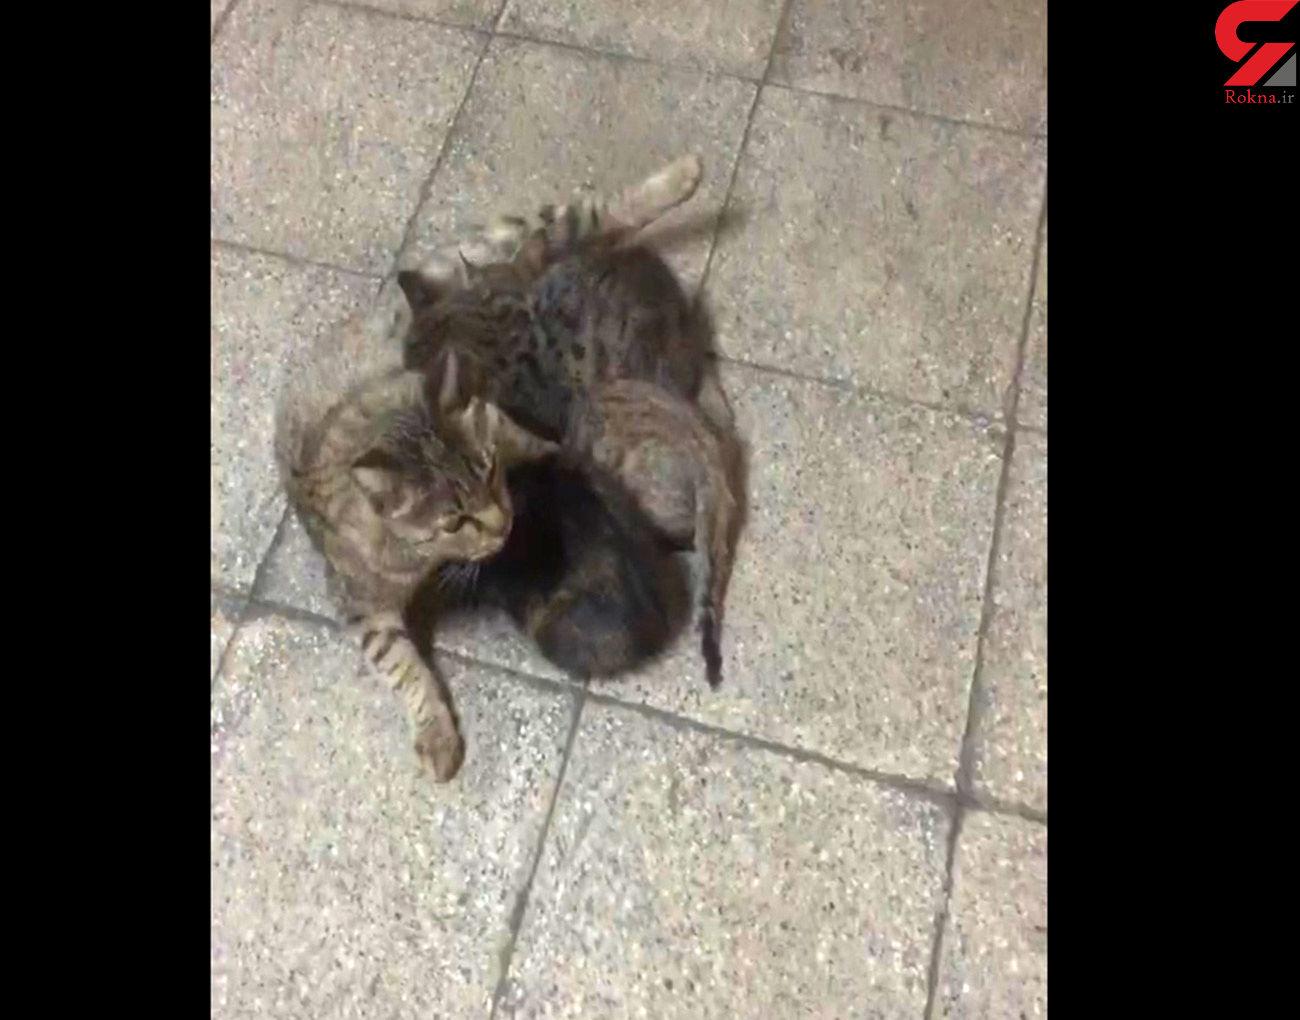 شیر خوردن 3 بچه گربه ایرانی + فیلم